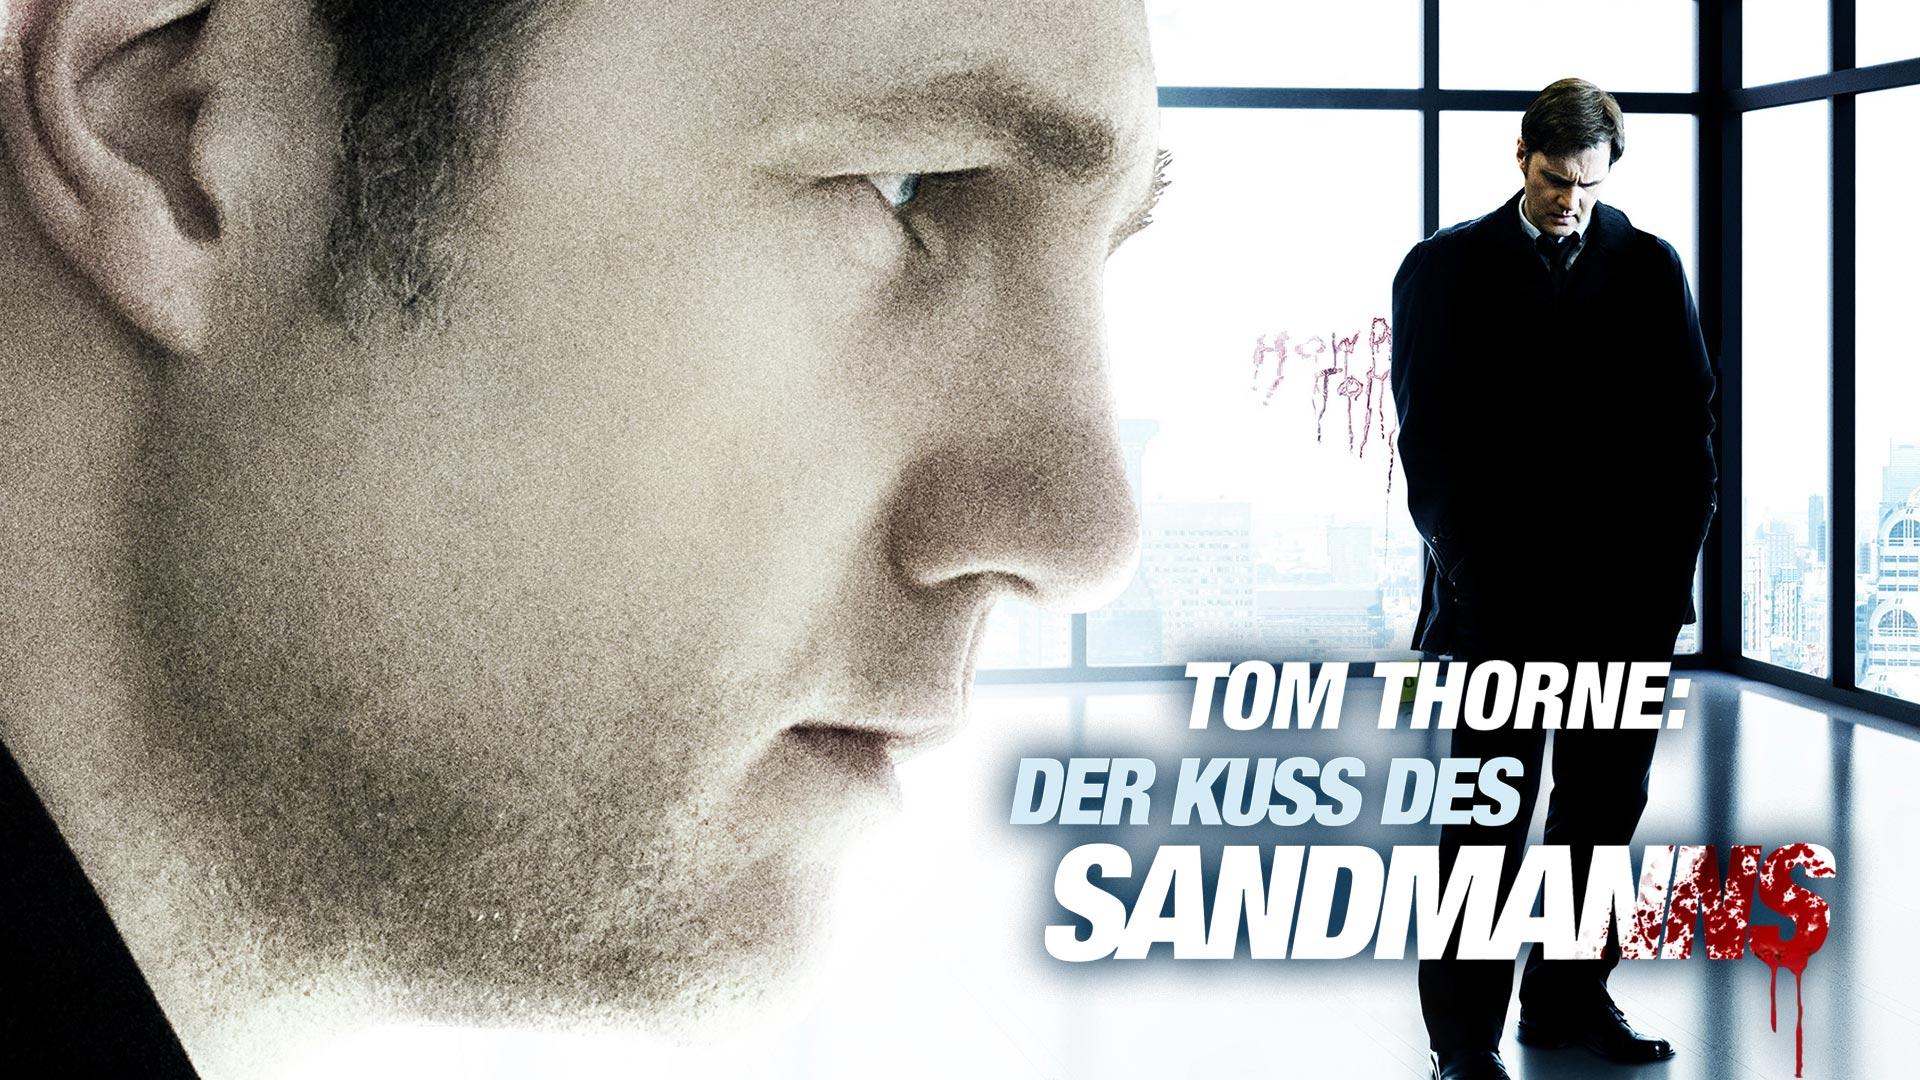 Tom Thorne: Der Kuss des Sandmanns [dt./OV]